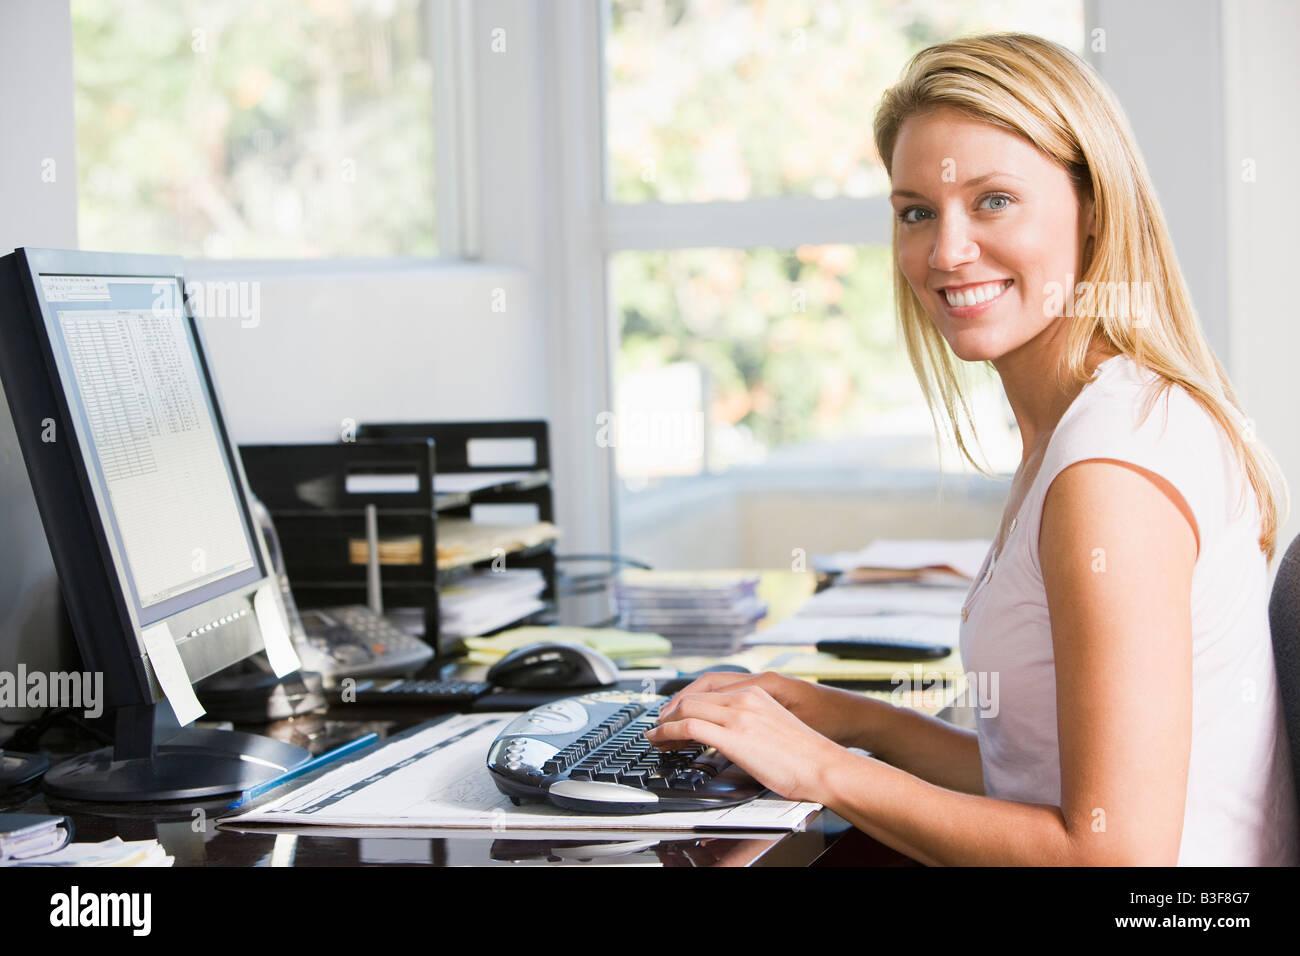 Mujer en su oficina doméstica con equipo sonriente Imagen De Stock